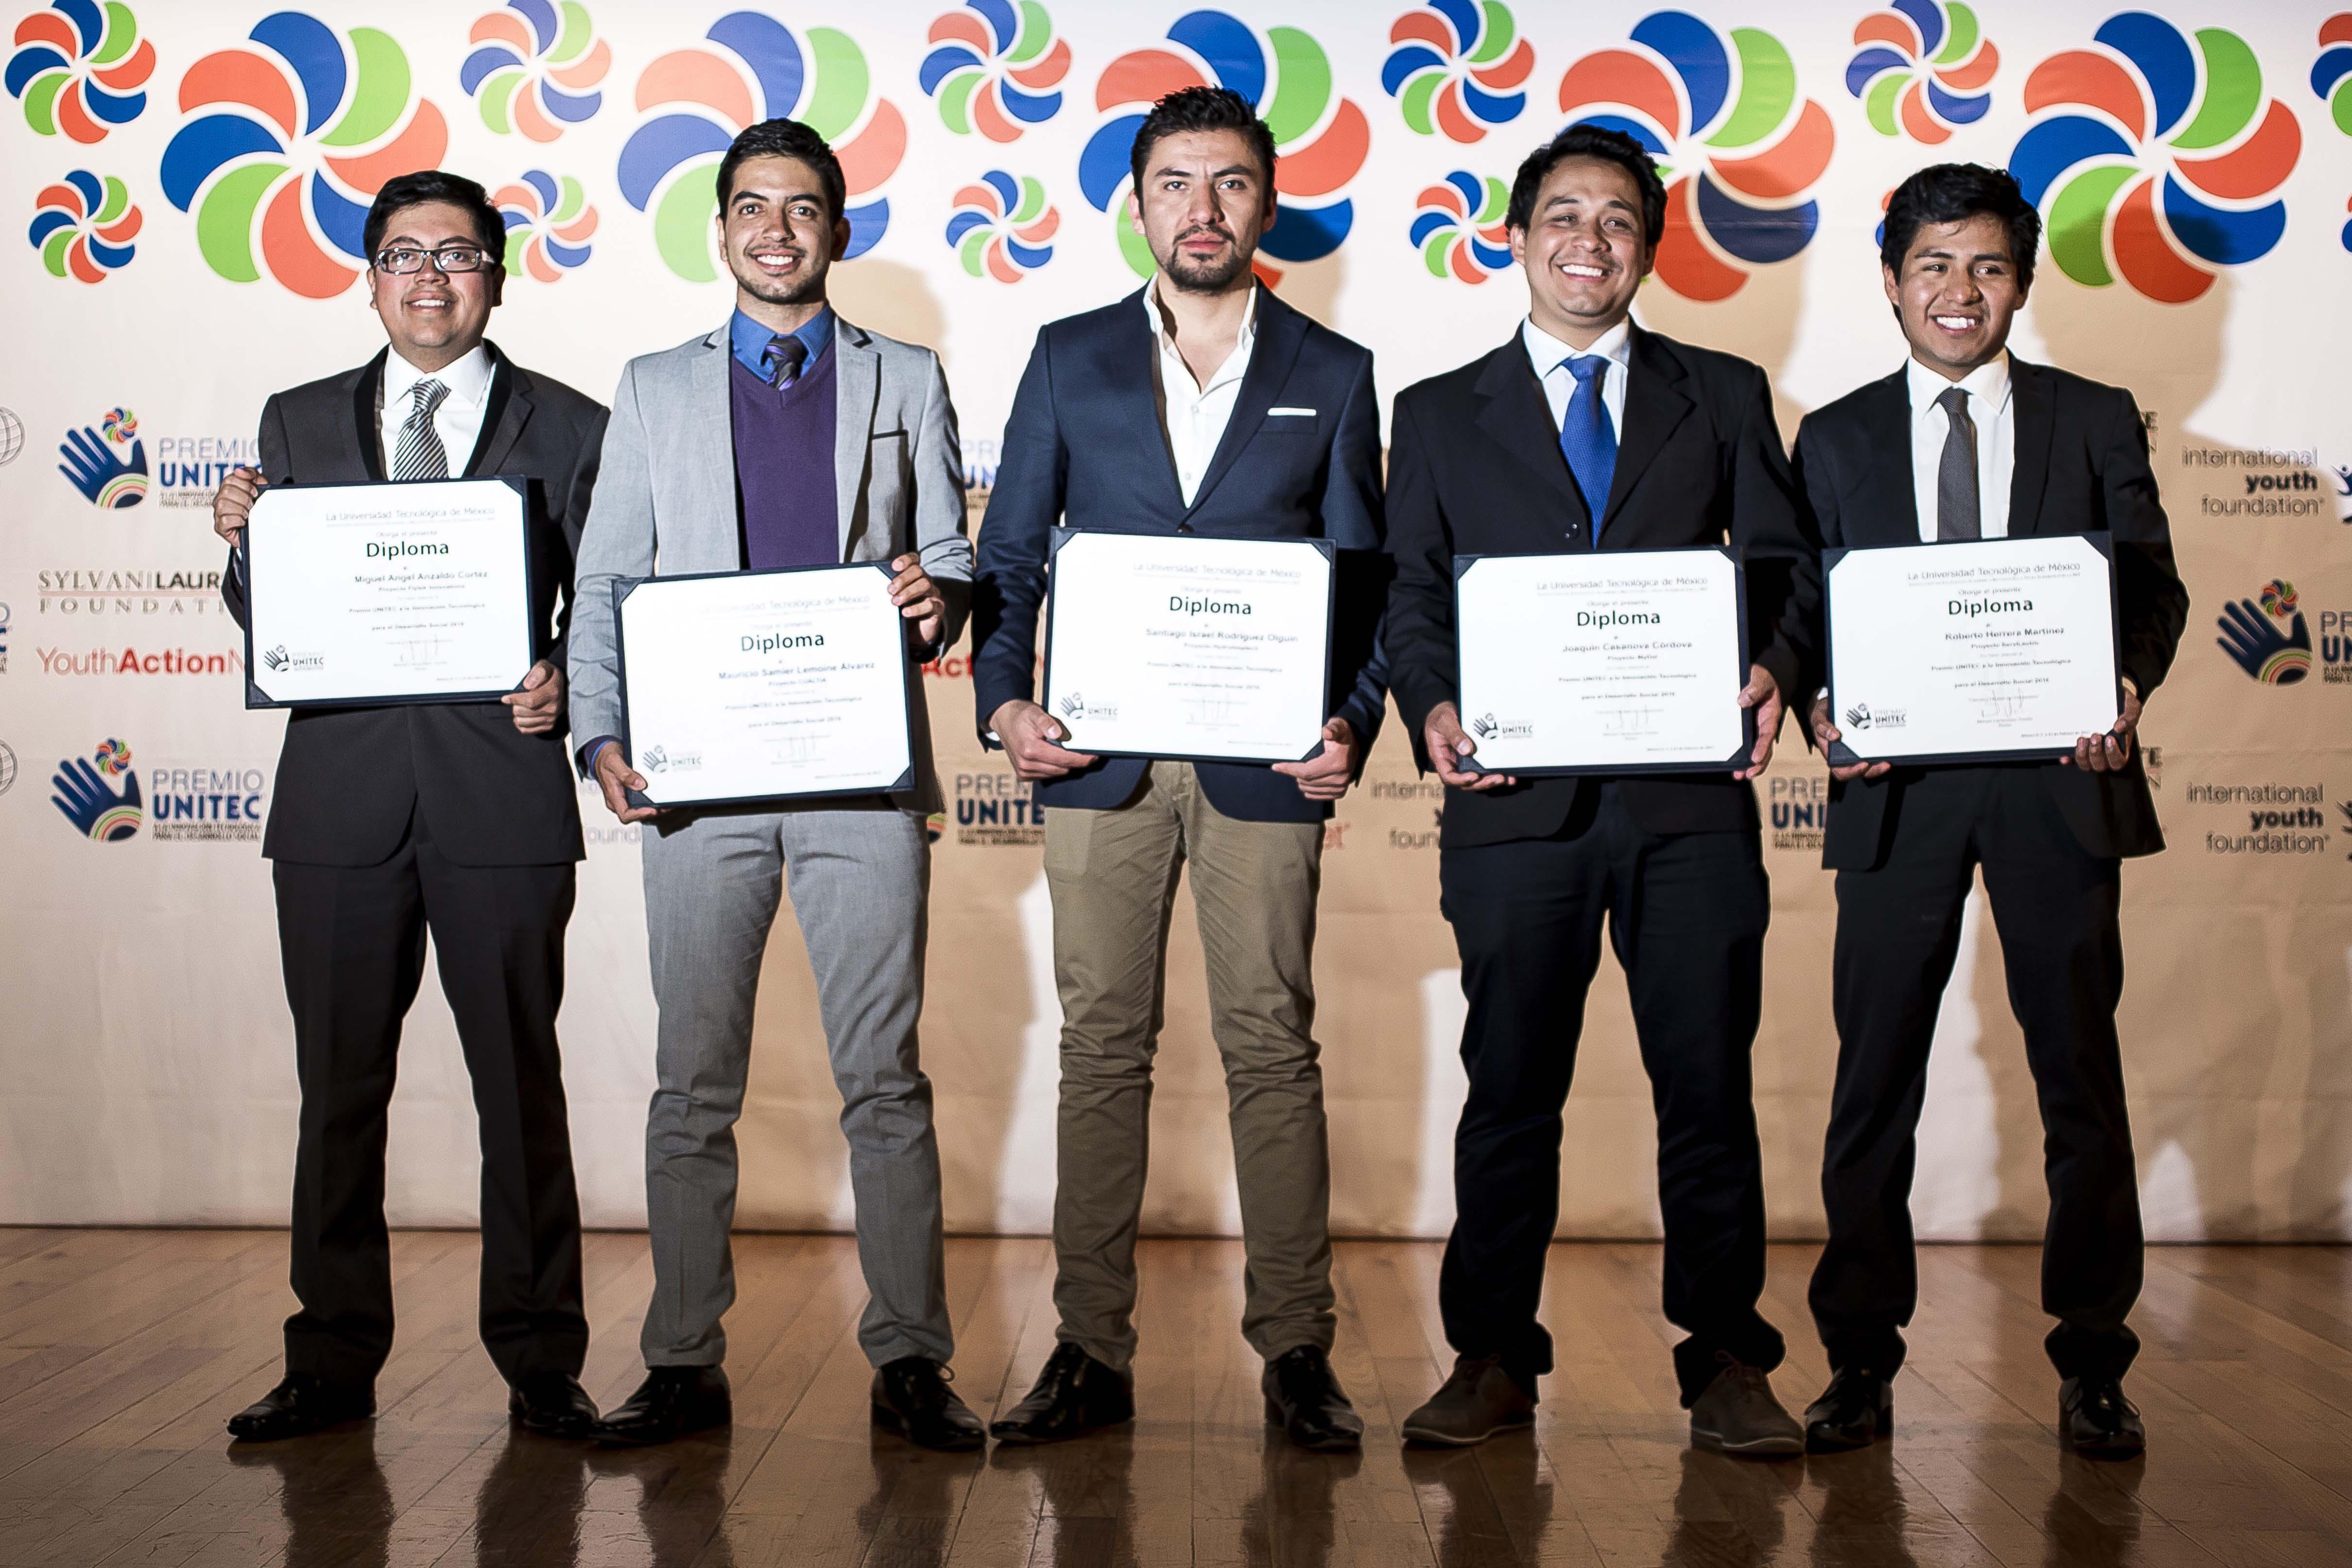 Premio UNITEC incentiva la innovación con impacto social - Featured Image